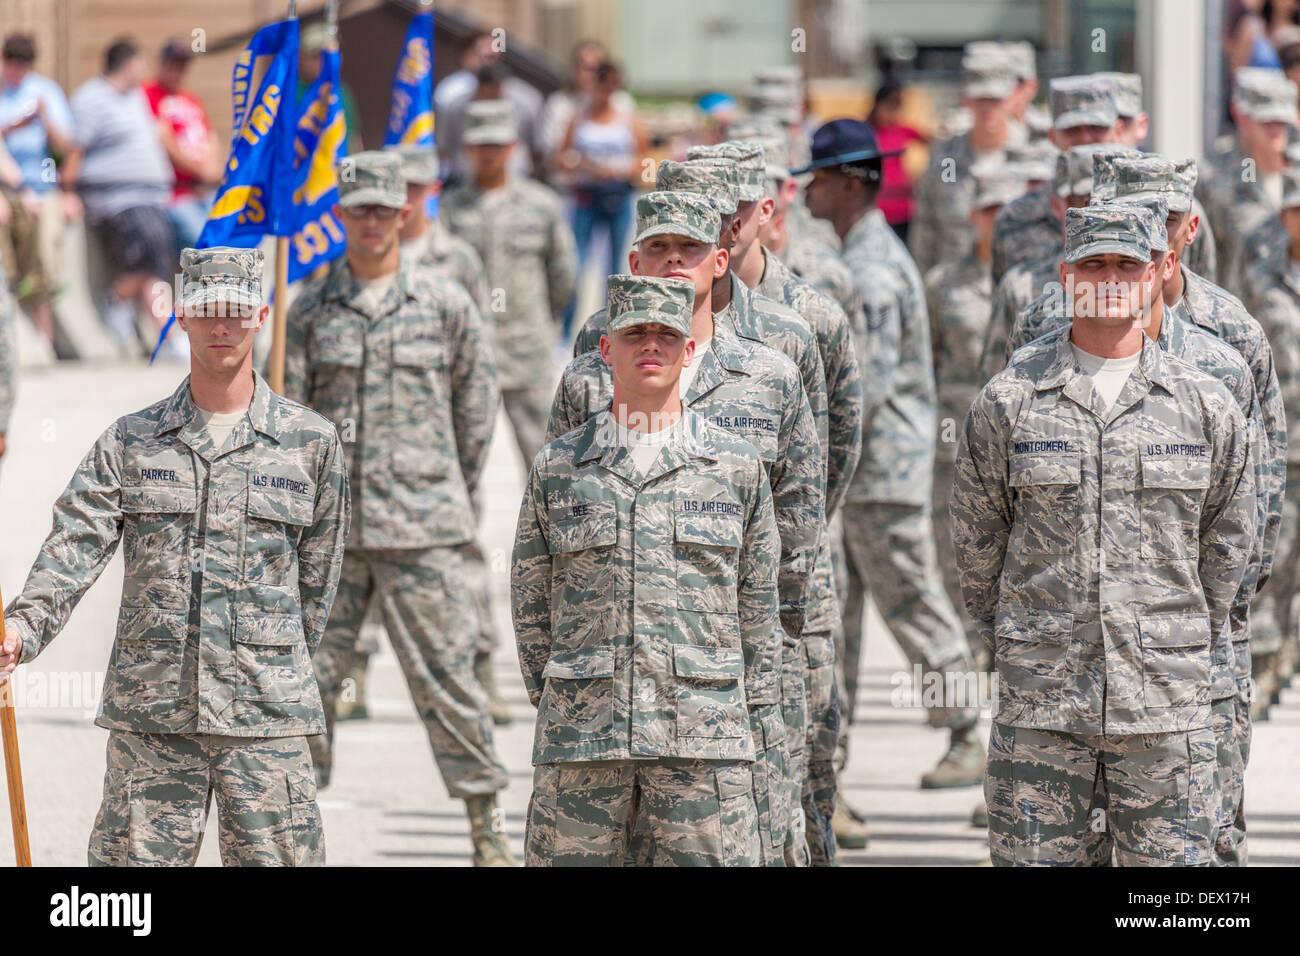 Flüge der Flieger bei der Parade ruhen während der United States Air Force Grundausbildung Abschlussfeiern In San Antonio, Texas Stockbild